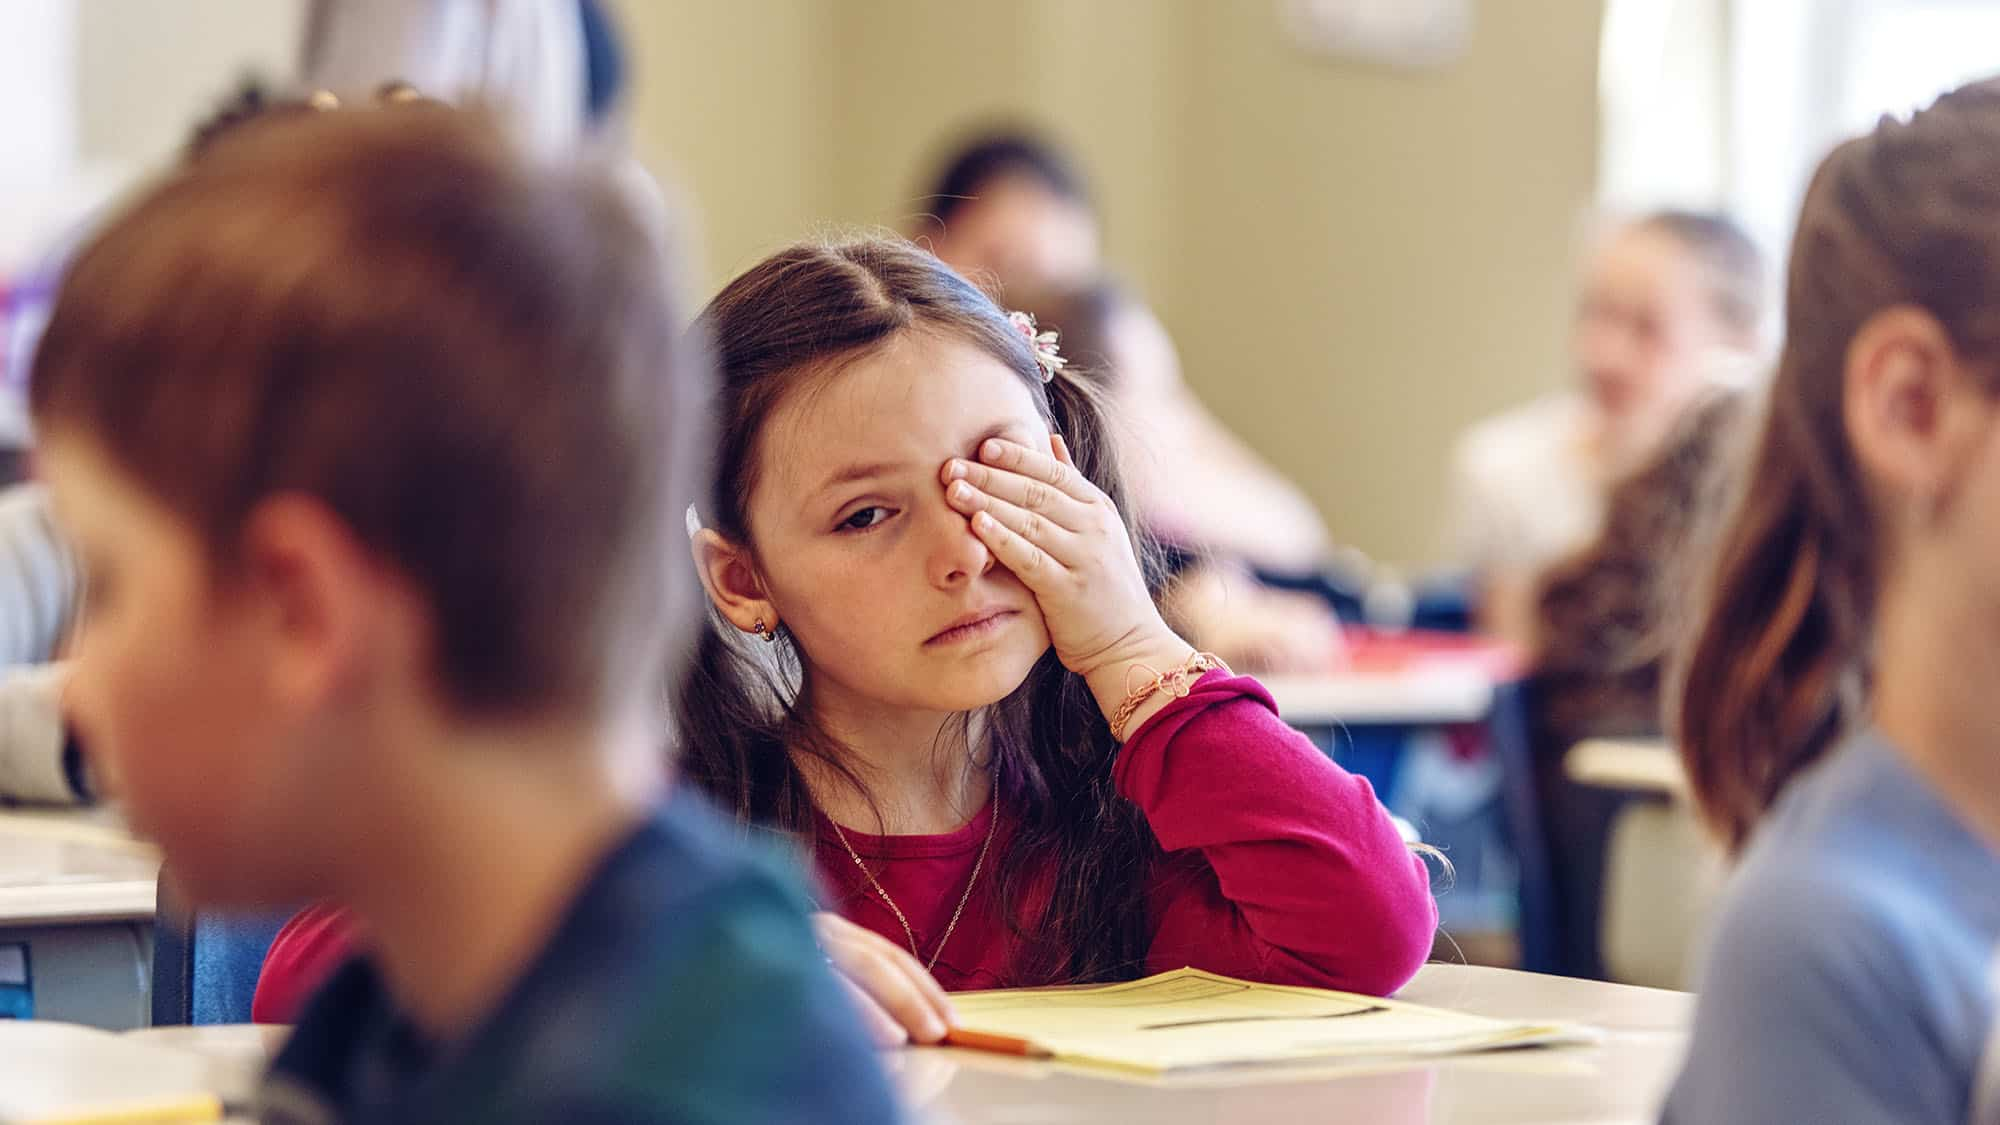 Sad schoolgirl in a classroom